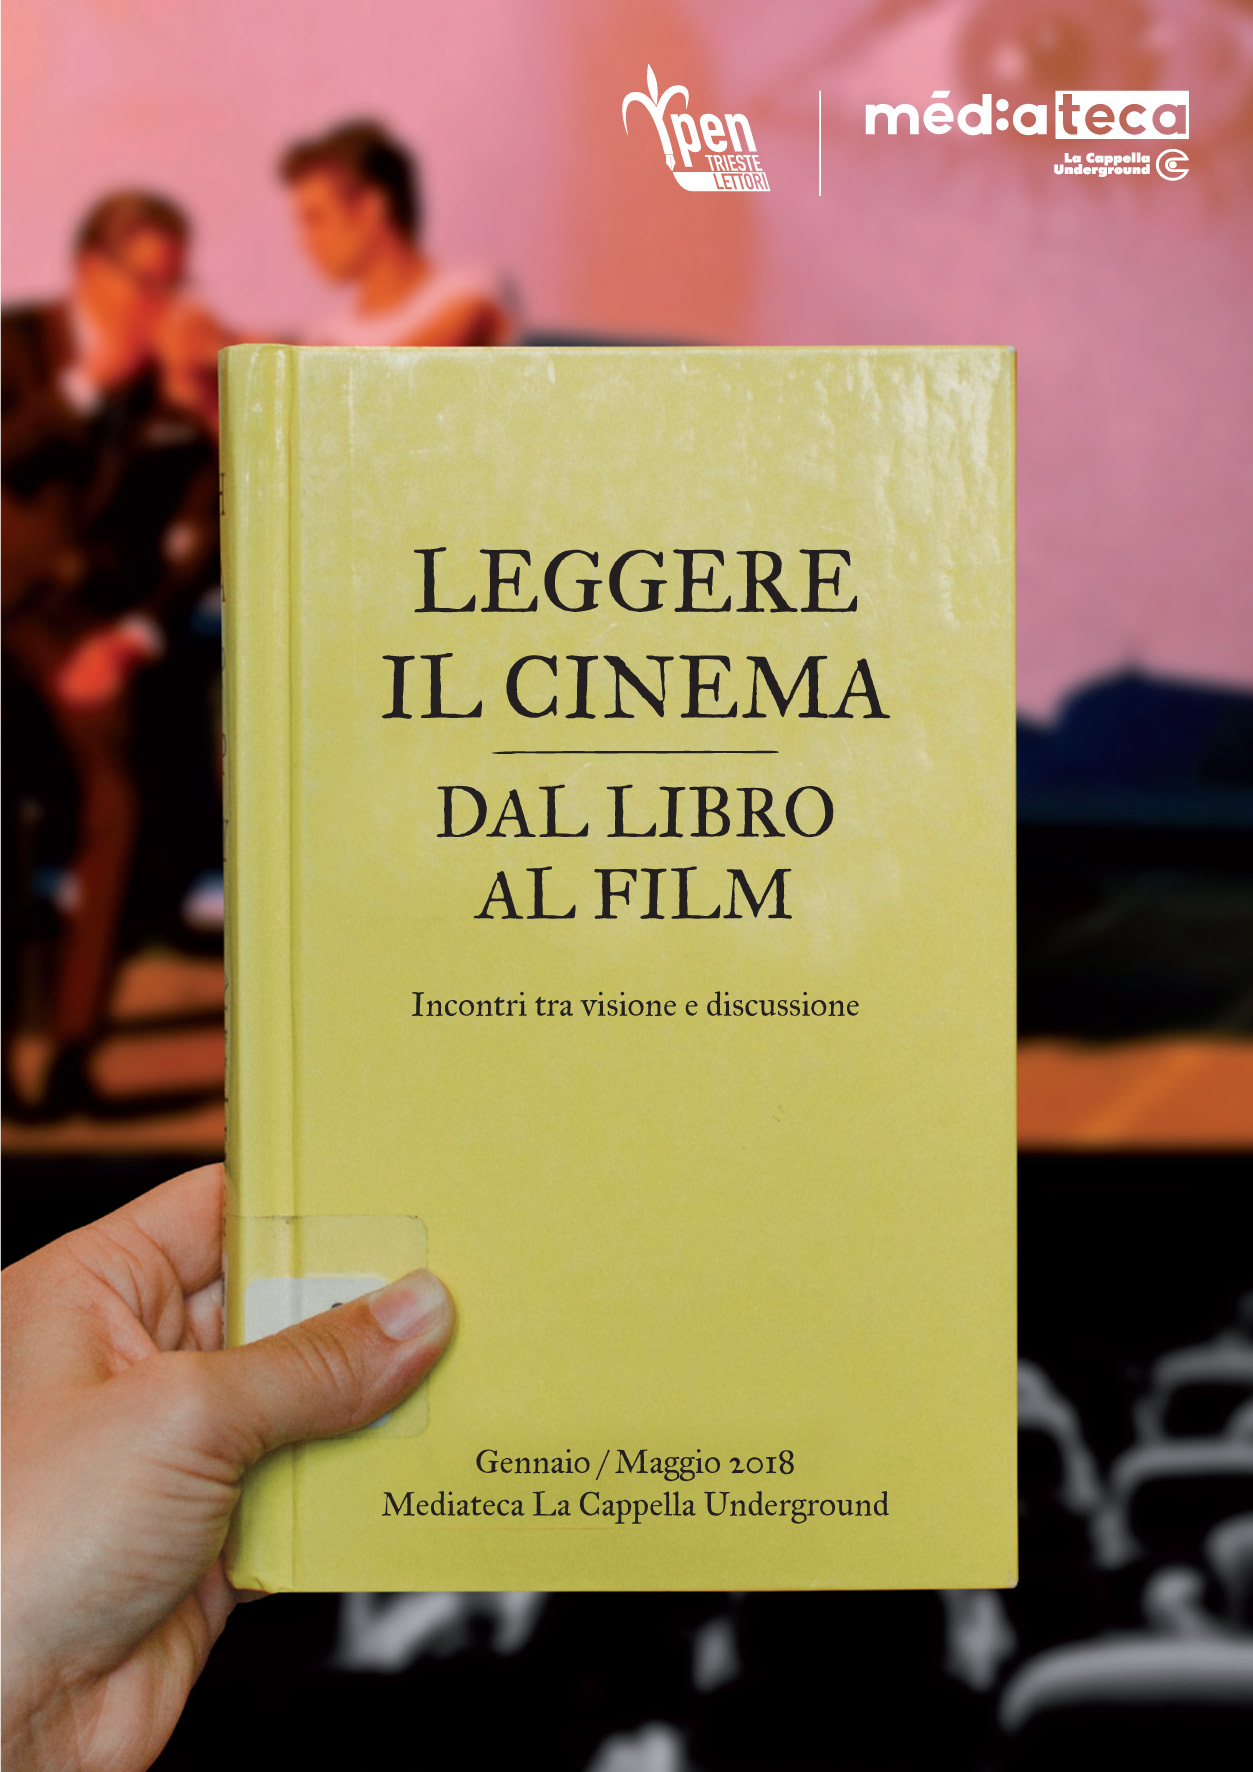 Leggere Il Cinema – Dal Libro Al Film